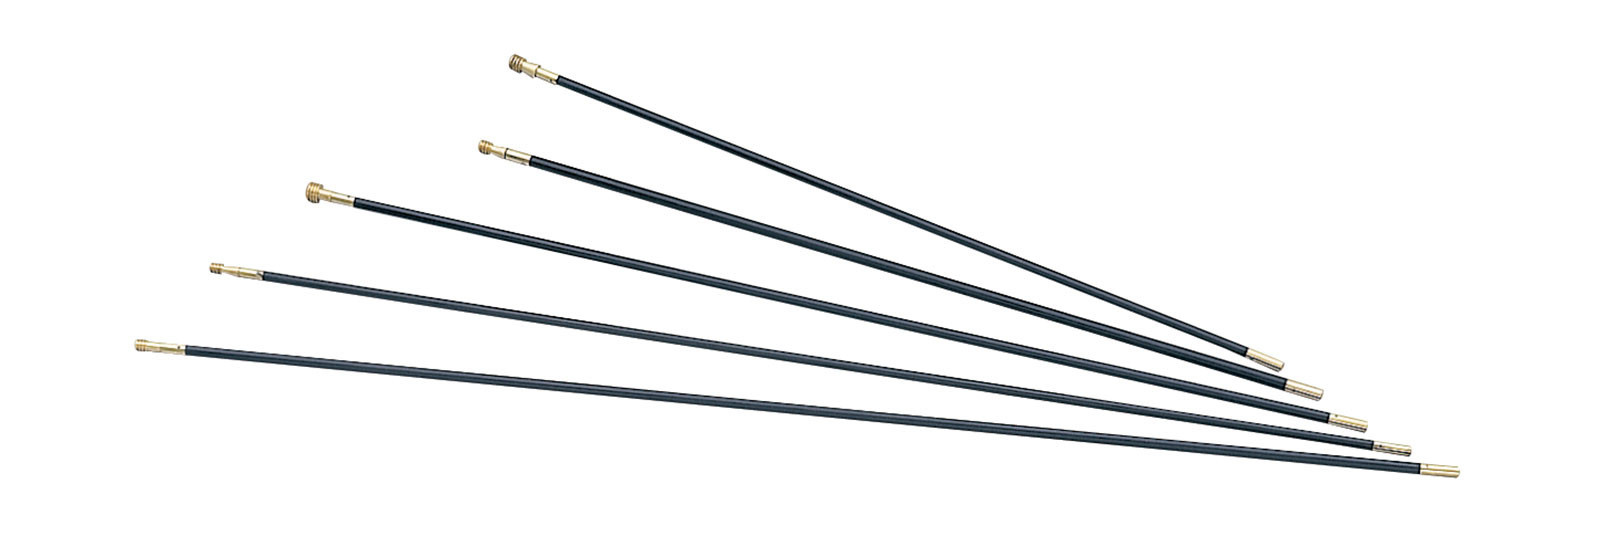 Muzzleloading Fiberglass ramrods 9x685mm